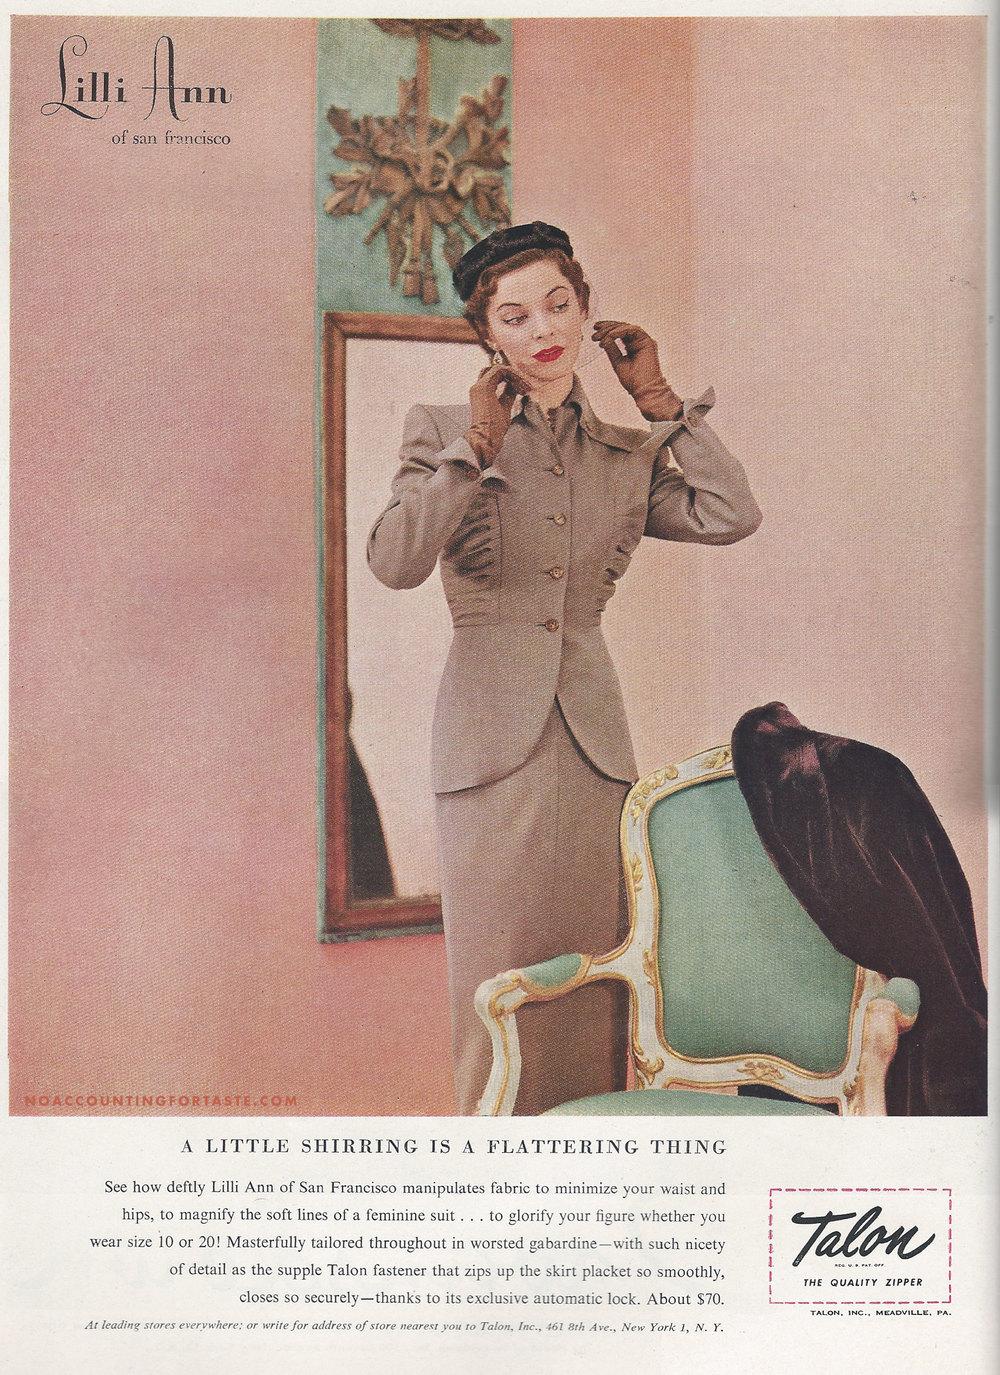 Vogue, August 15, 1950.